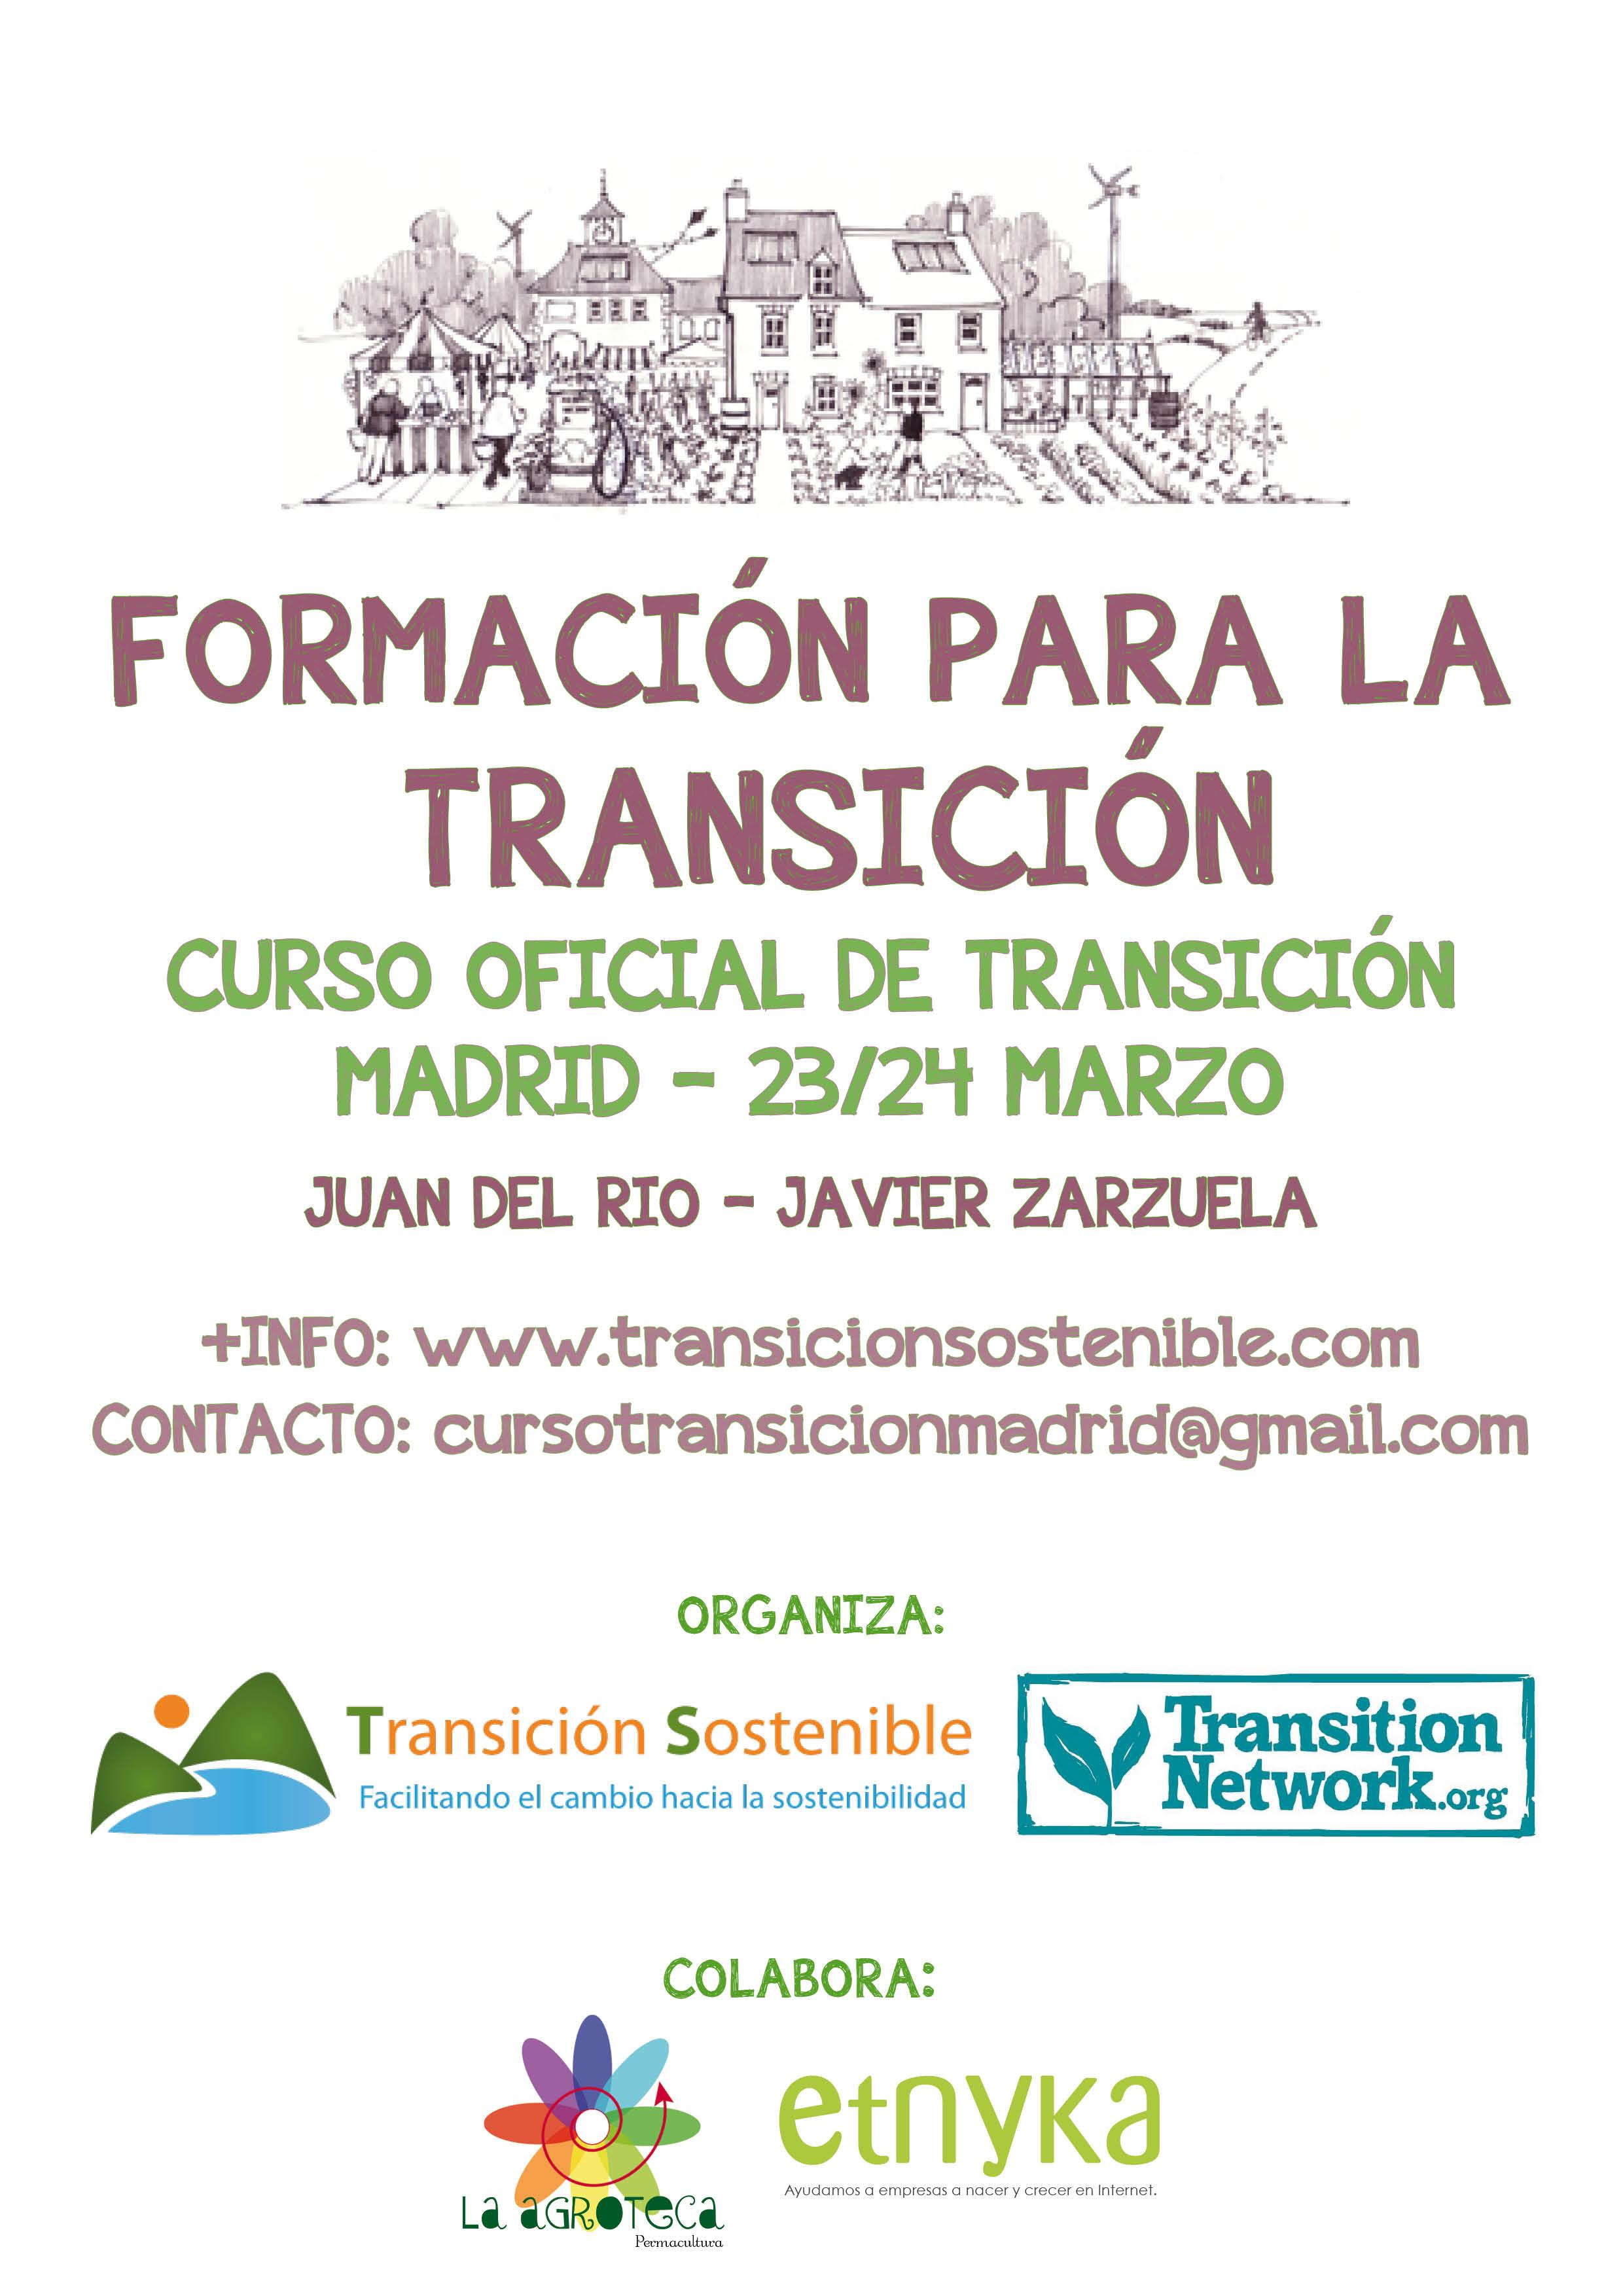 Curso oficial transici n madrid marzo 2013 transici n for Curso de escaparatismo madrid